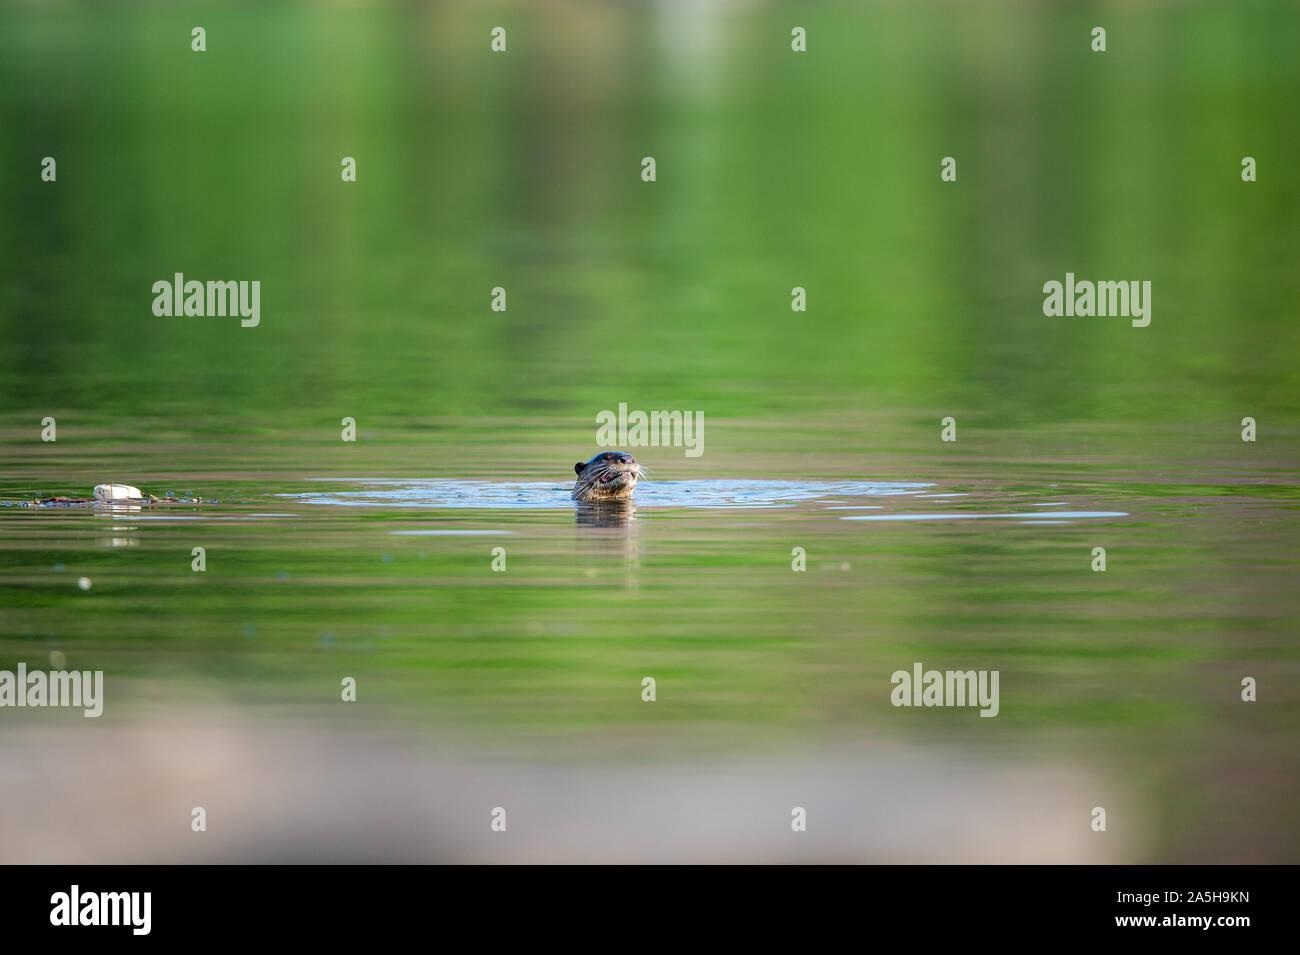 Des animaux vulnérables à revêtement lisse ou loutre Cerdocyon perspicillata image miroir jouant en vert l'eau calme de la rivière Ramganga, Jim Corbett national park Banque D'Images